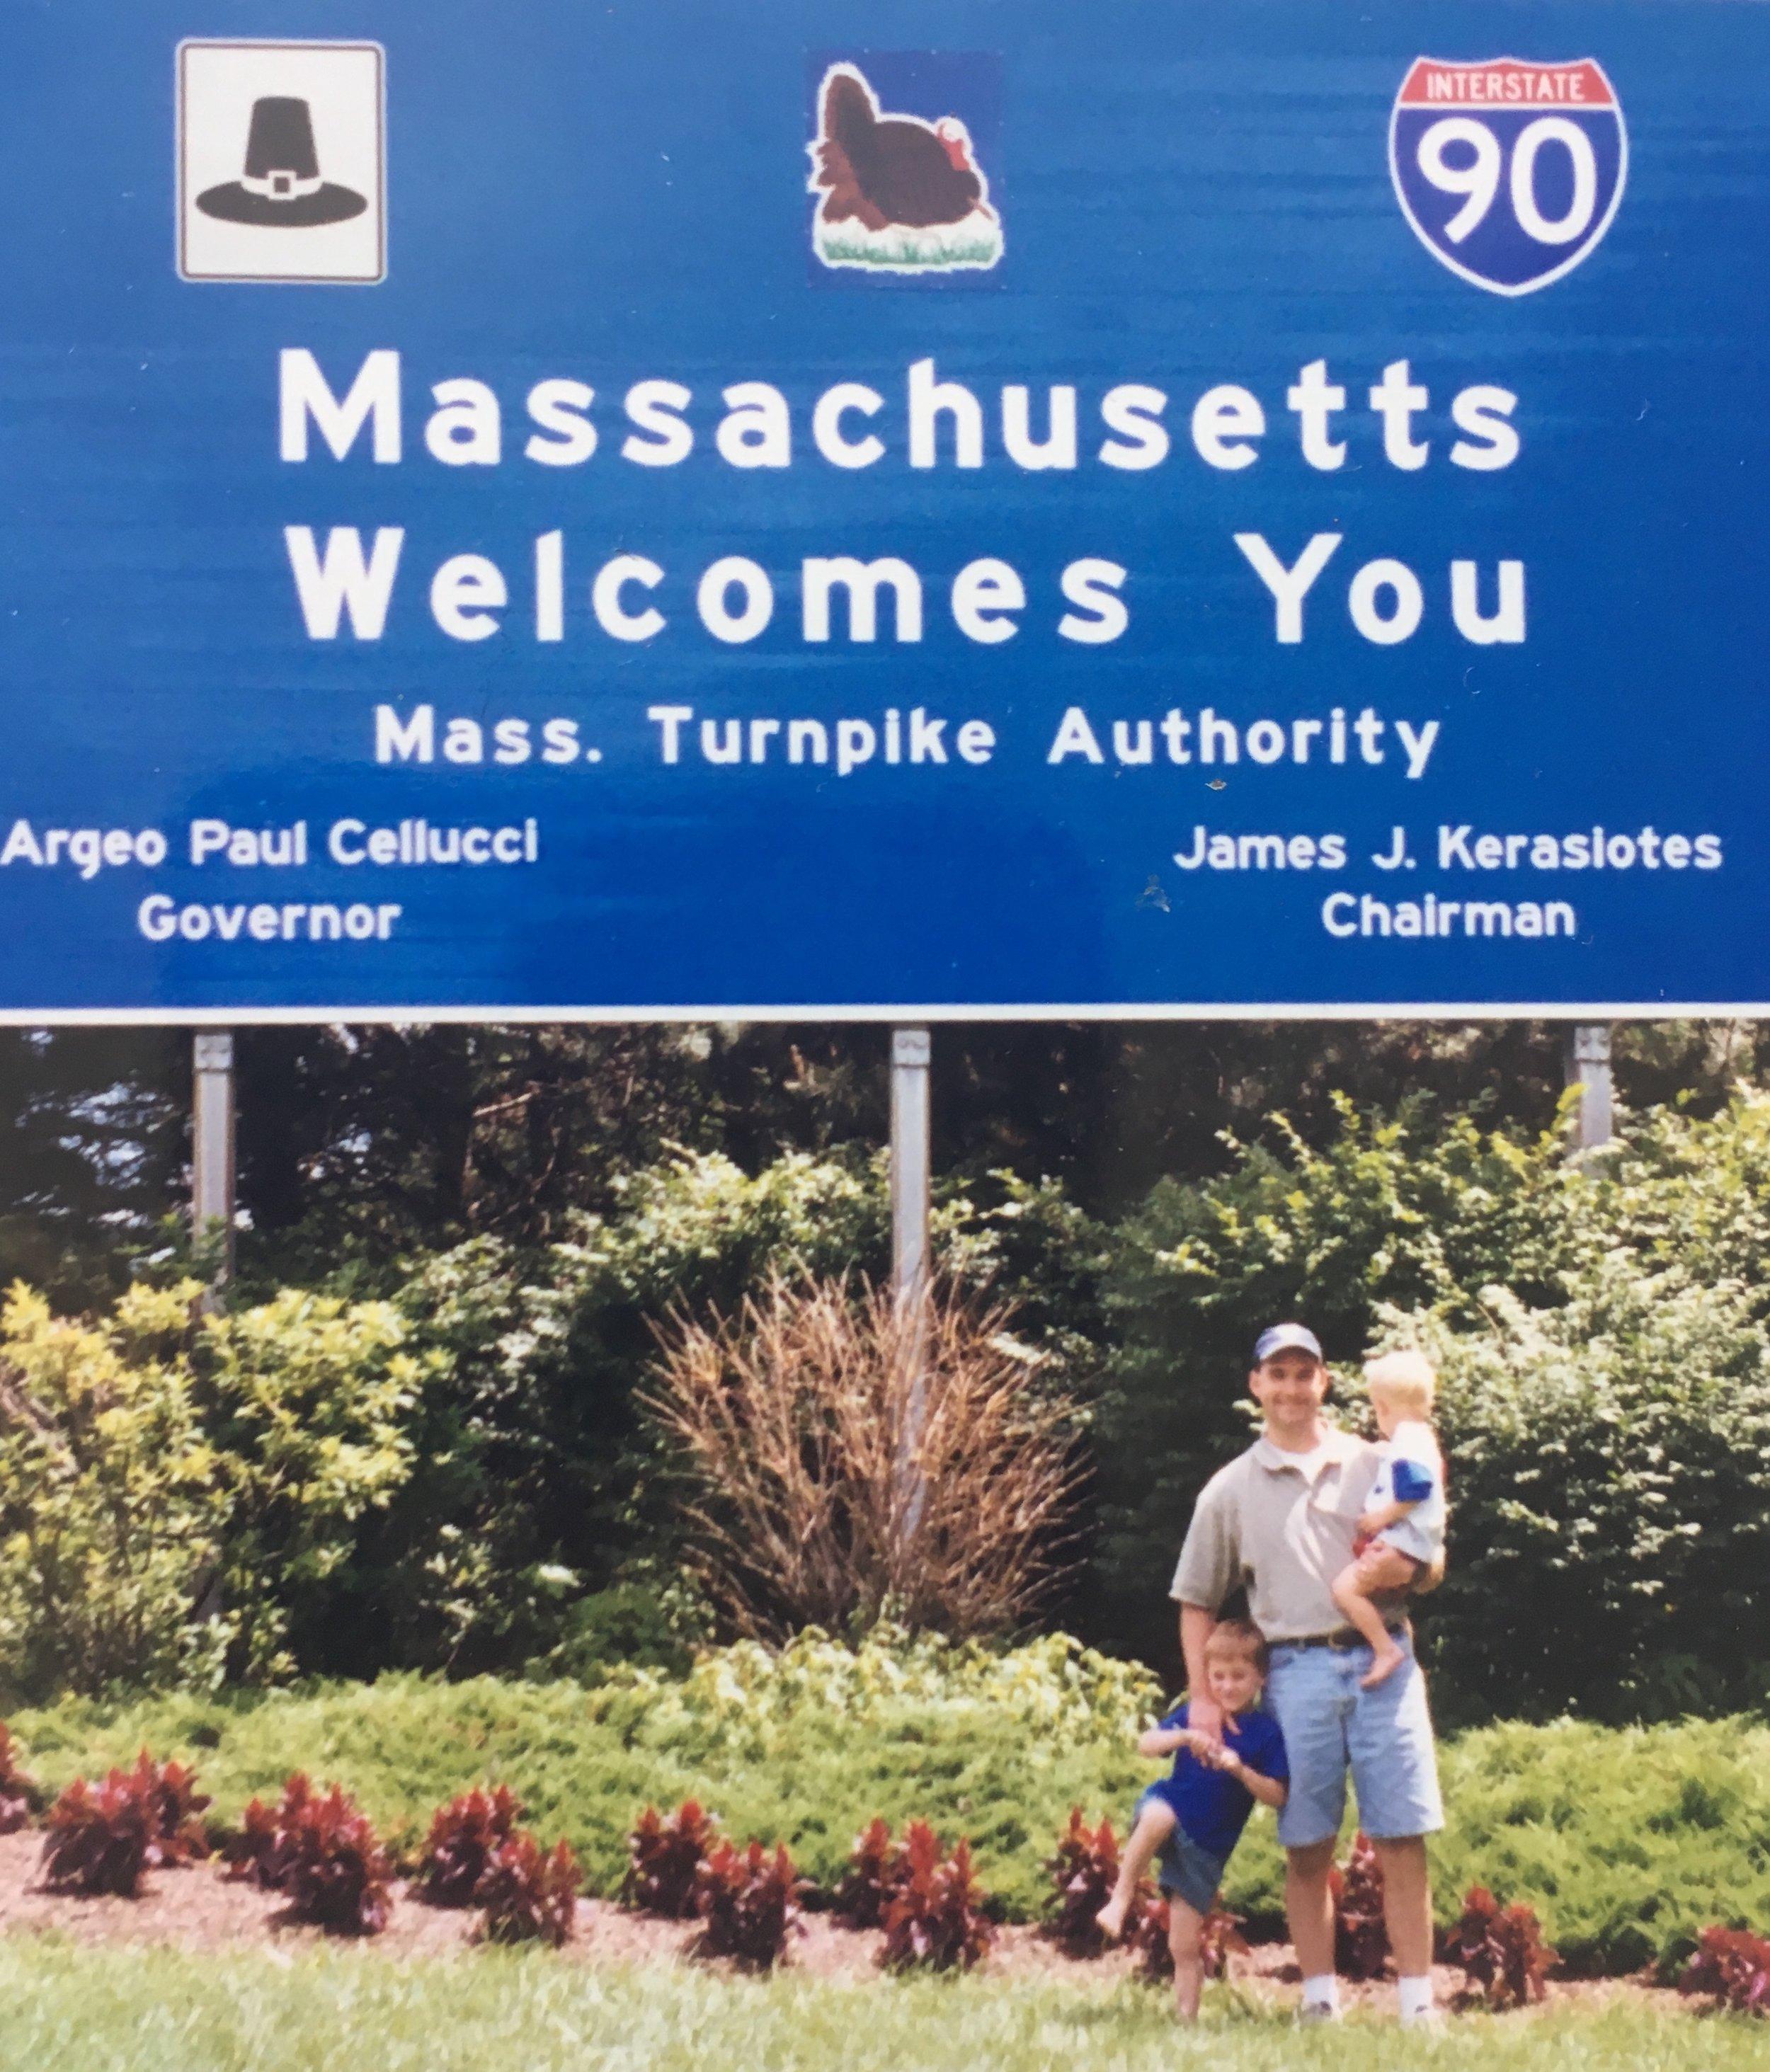 20 years in MA! - by Robert Krumrey